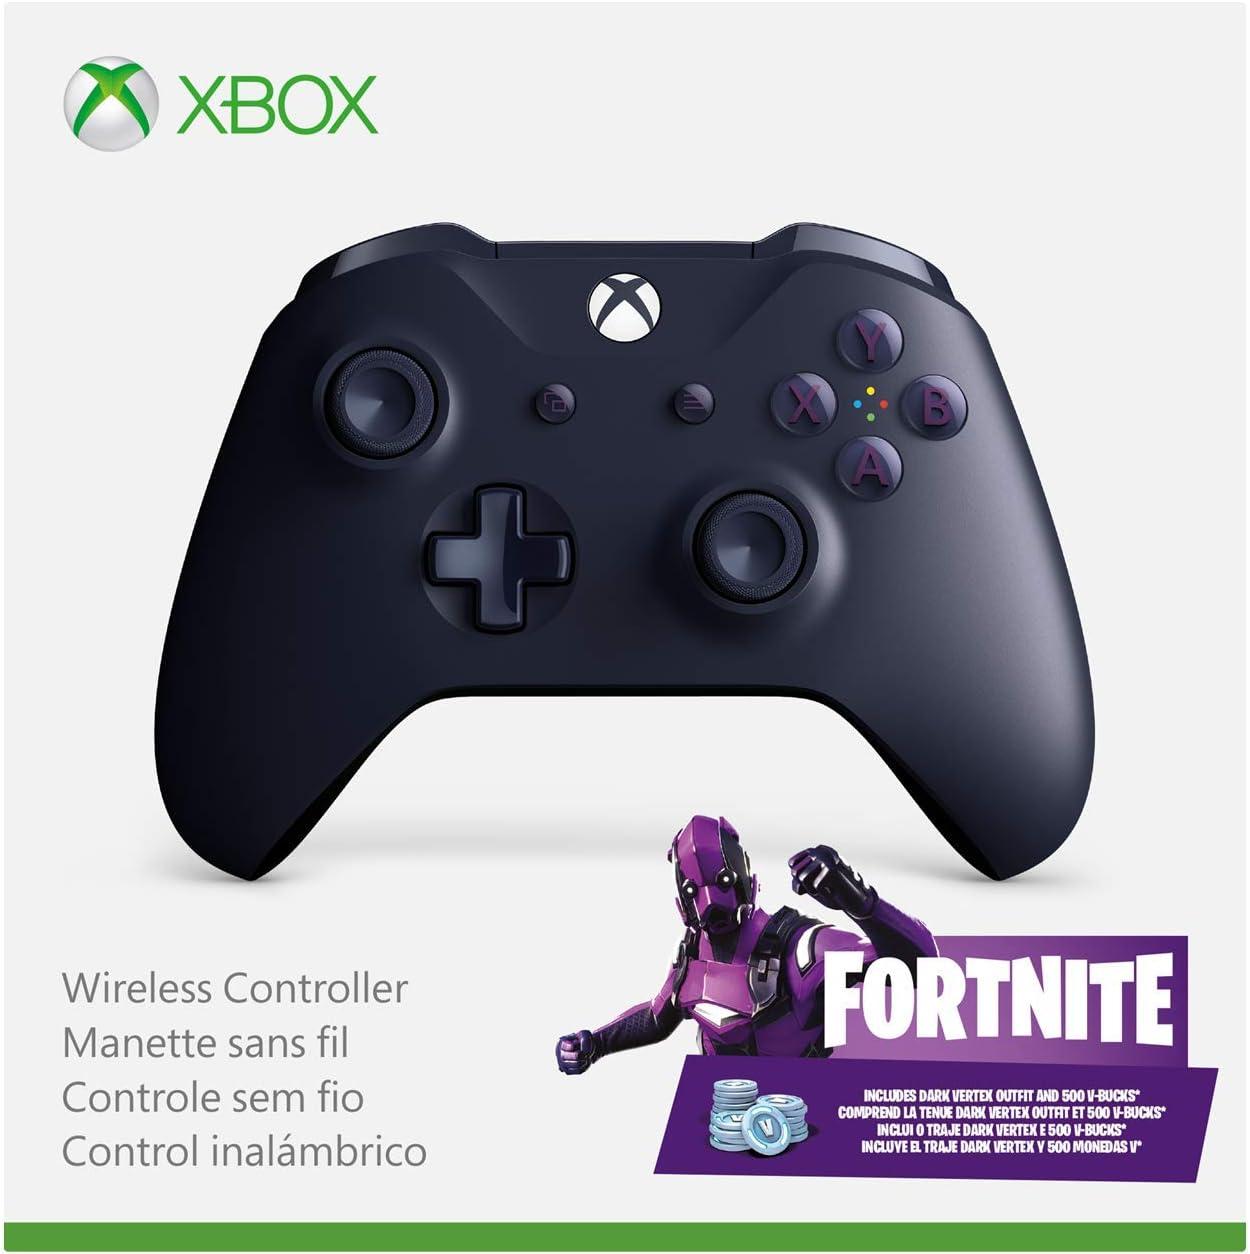 Amazon.com: Xbox Wireless Controller - Fortnite Special ...